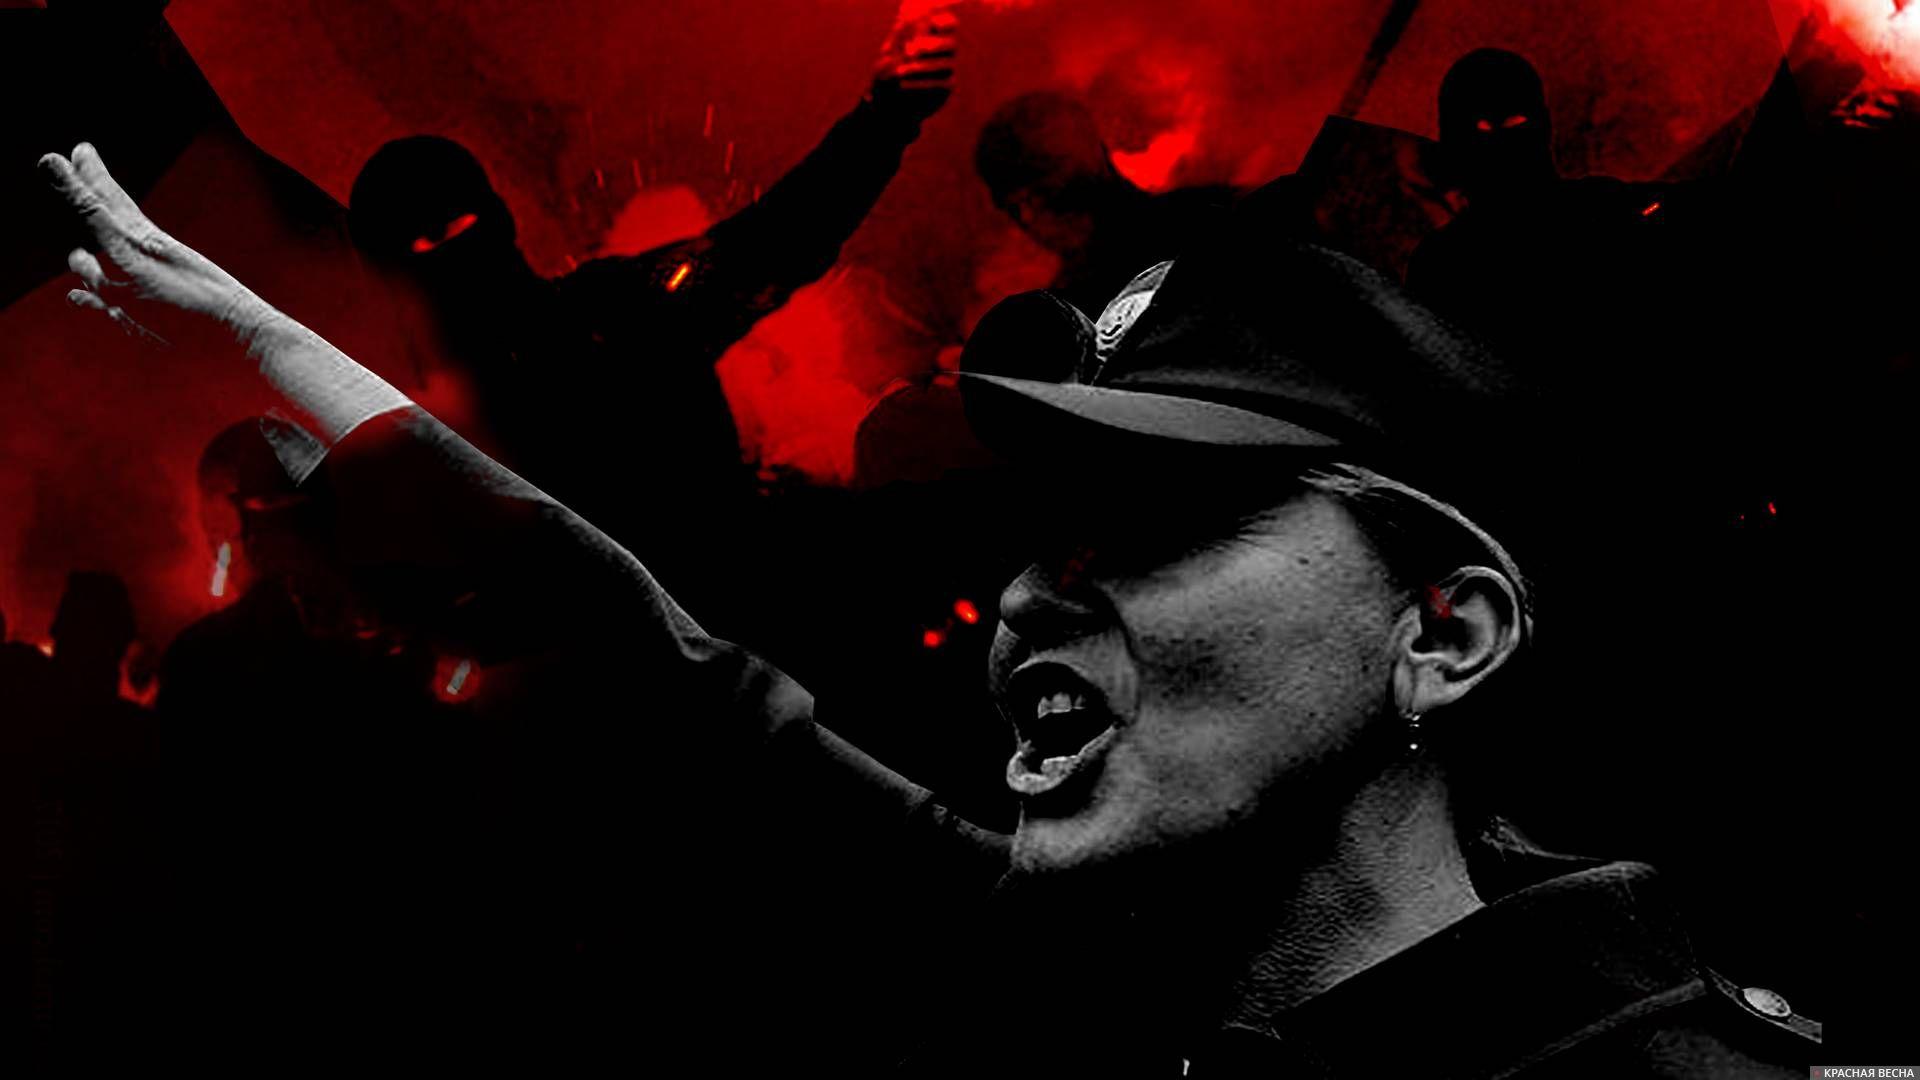 Марш УПА (организация, деятельность которой запрещена в РФ)